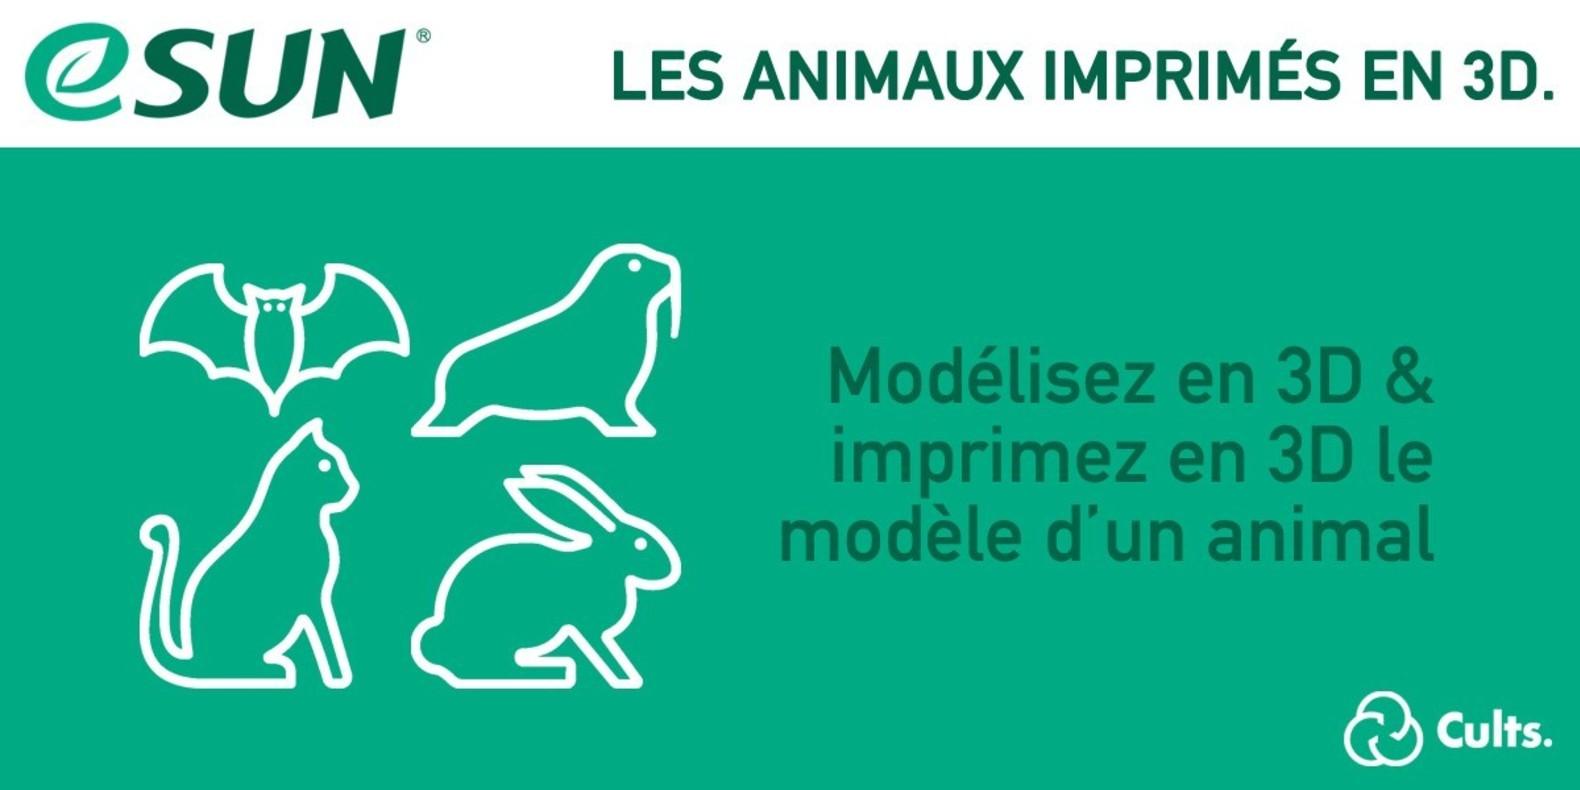 Concours d'impression 3D avec eSun - les animaux imprimés en 3D